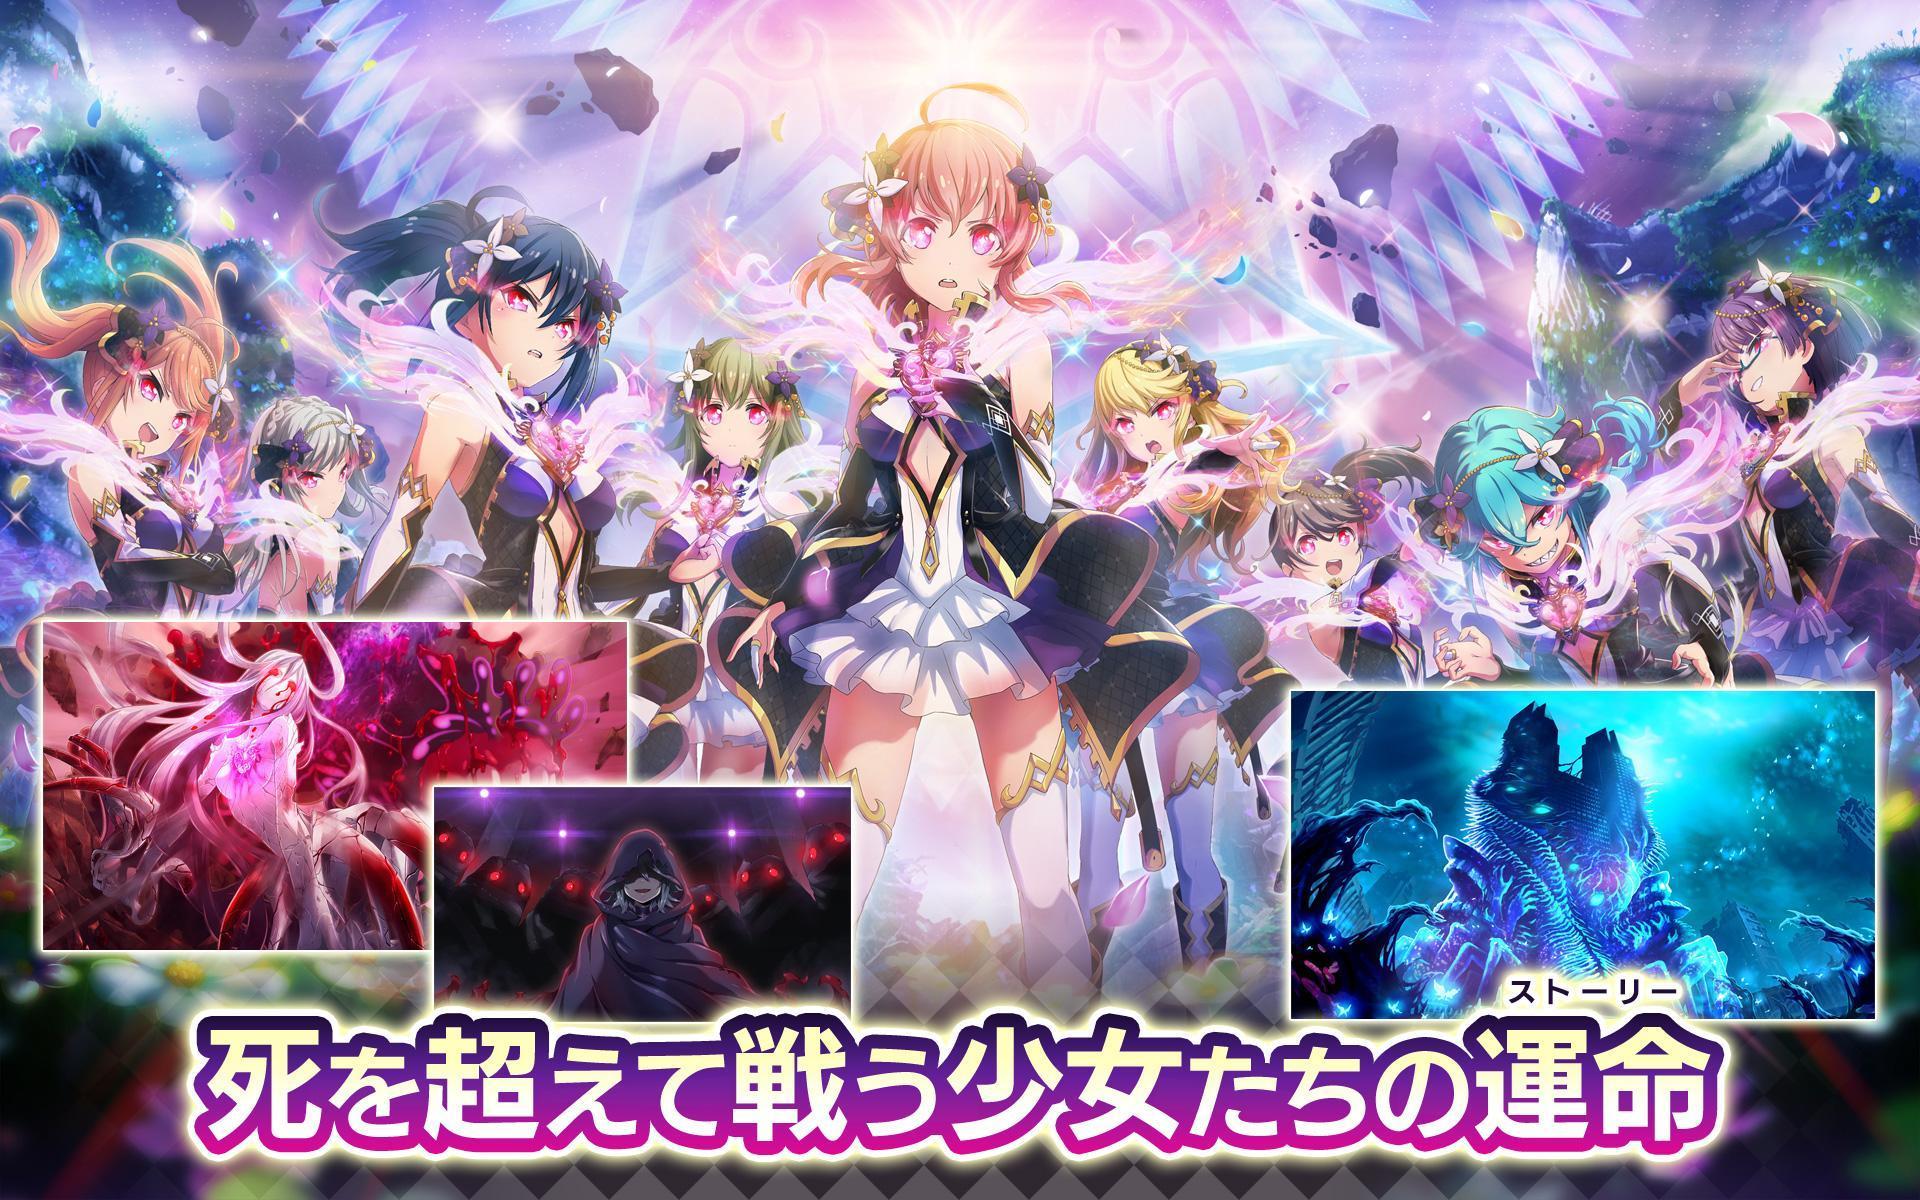 プロジェクト東京ドールズ :美少女タップアクションRPG 4.1.0 Screenshot 13